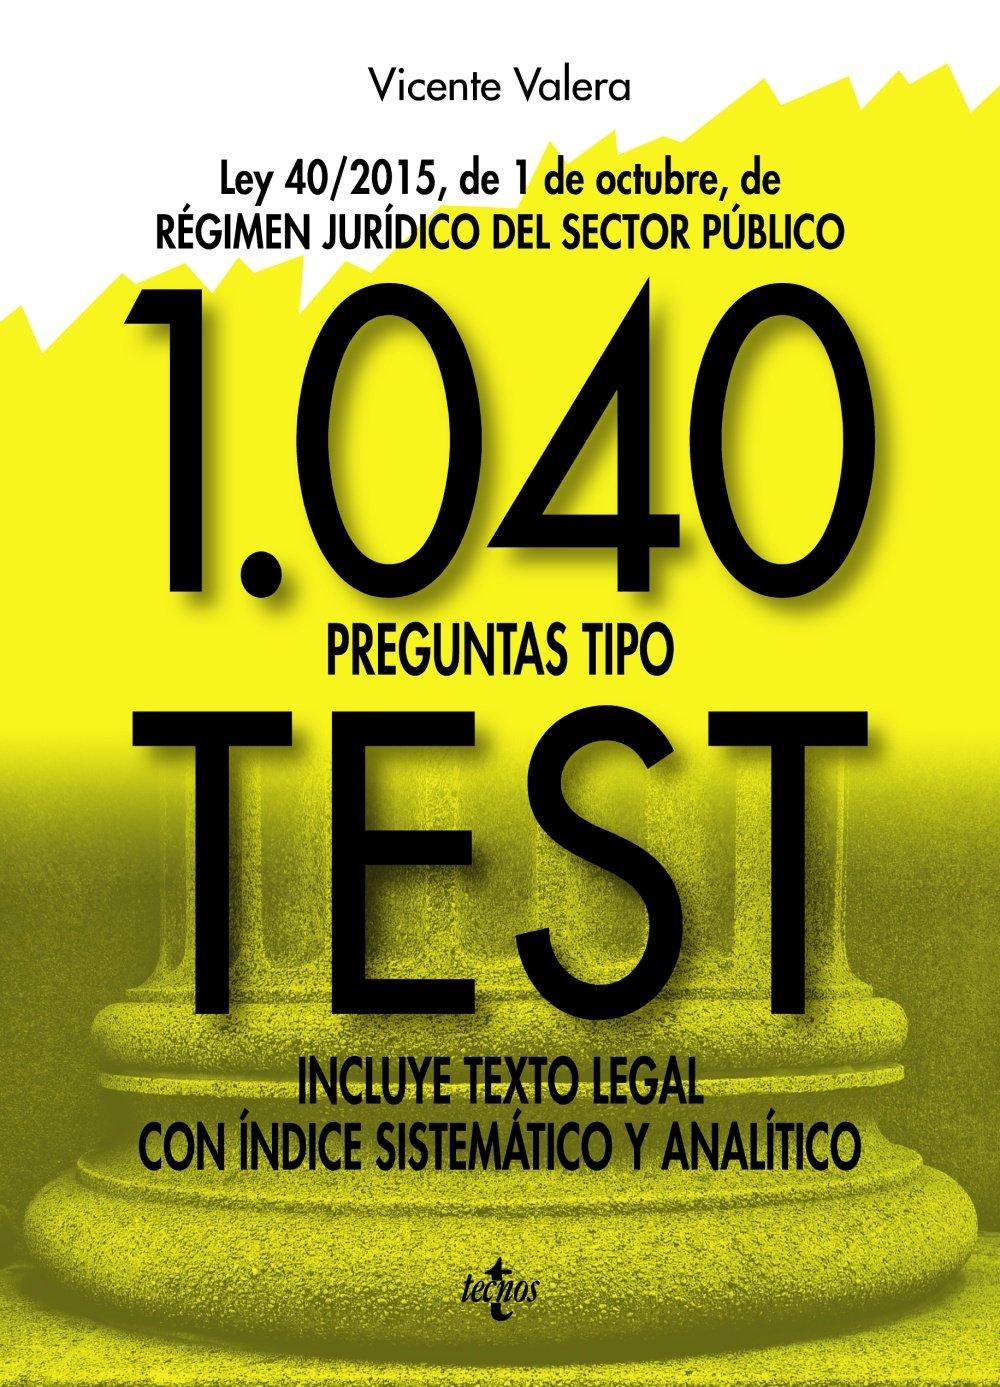 1040 preguntas tipo test: Ley 40/2015, de 1 de octubre, del Régimen Jurídico del Sector Público. Incluye texto legal con índice sistemático y analítico (Derecho - Práctica Jurídica) Tapa blanda – 9 feb 2017 Vicente Valera Tecnos 8430971033 KNV